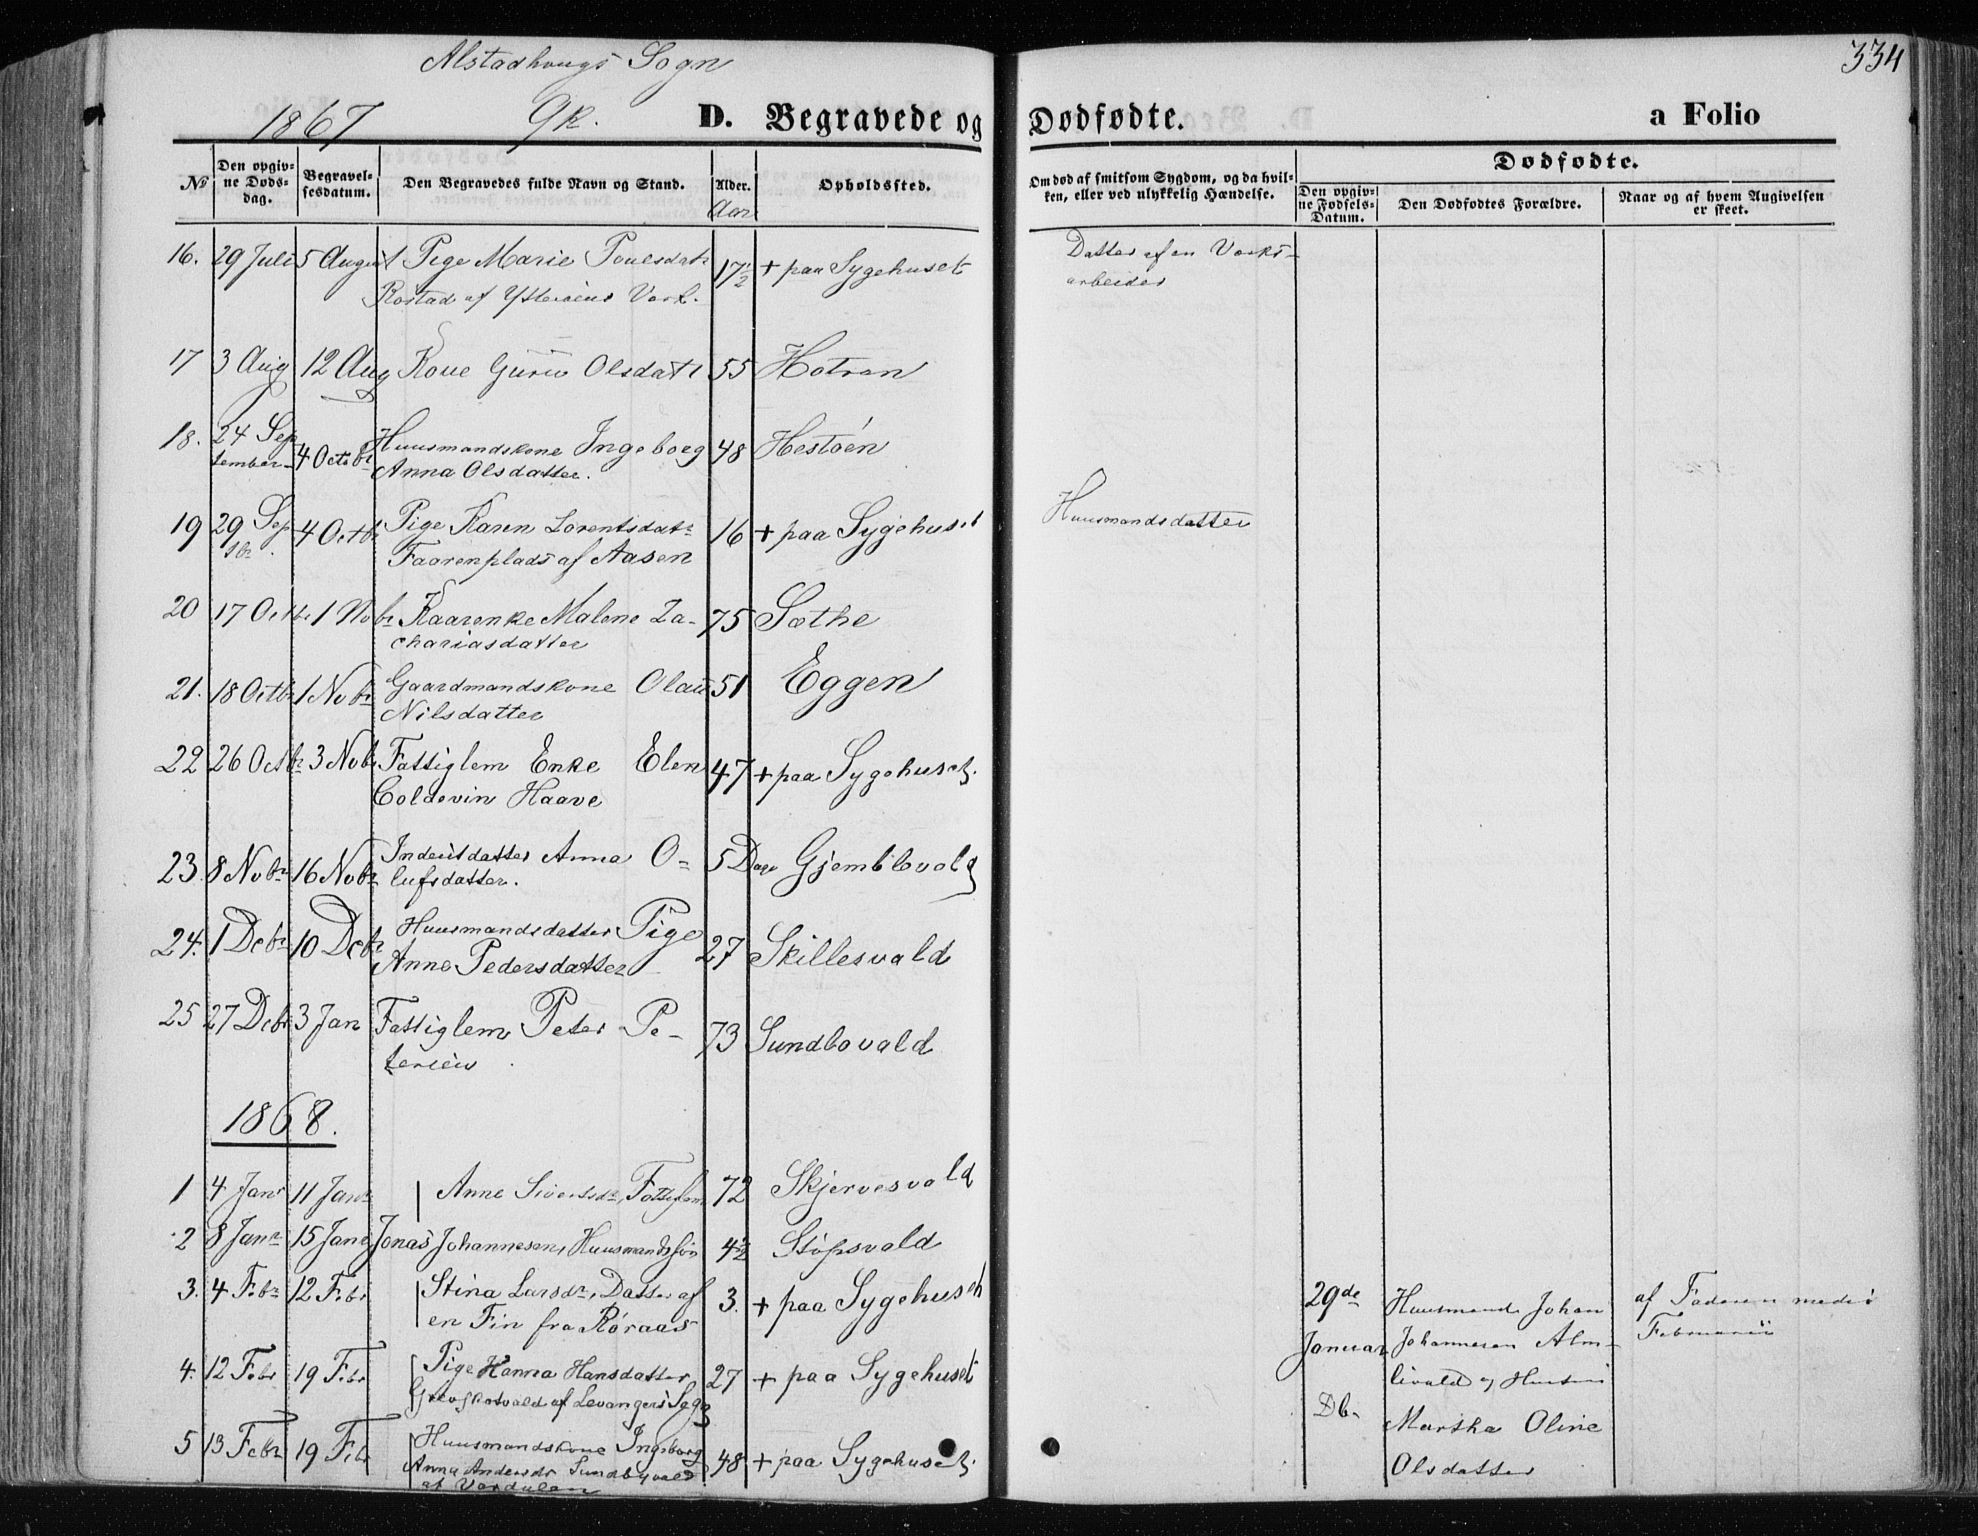 SAT, Ministerialprotokoller, klokkerbøker og fødselsregistre - Nord-Trøndelag, 717/L0157: Ministerialbok nr. 717A08 /1, 1863-1877, s. 334